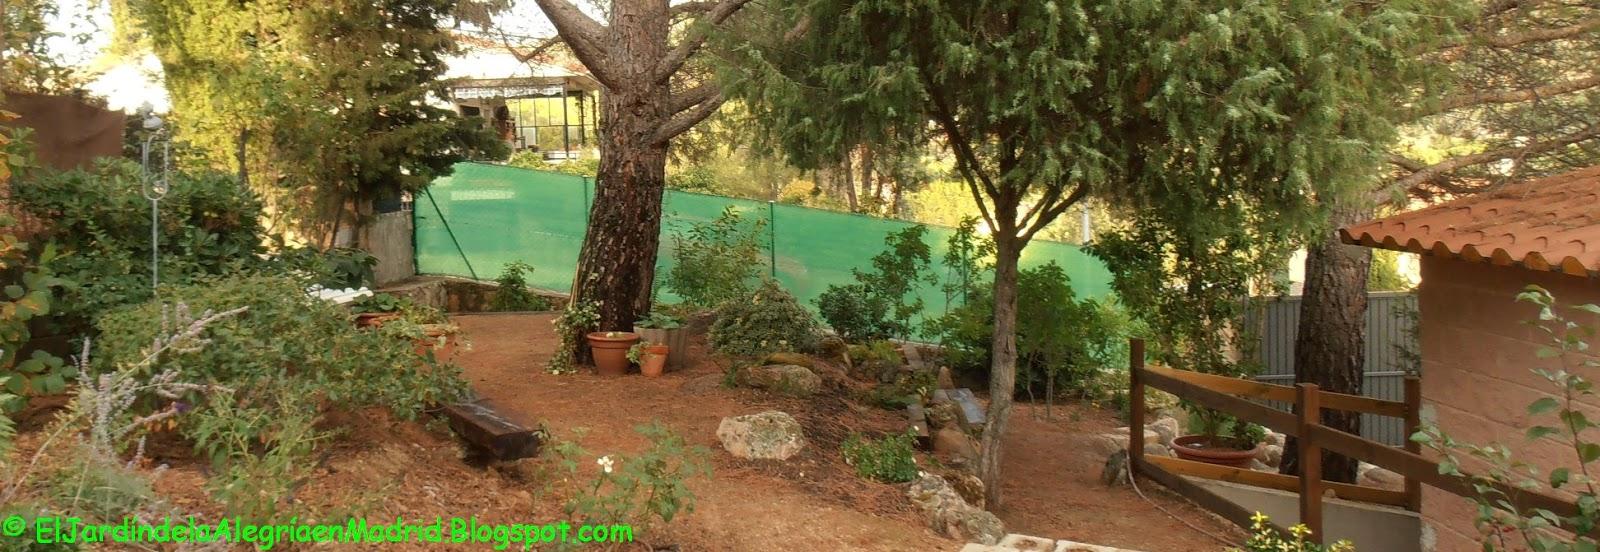 El jard n de la alegr a c mo instalar una valla met lica en el jard n y poner malla de ocultaci n - Ocultacion para jardin ...